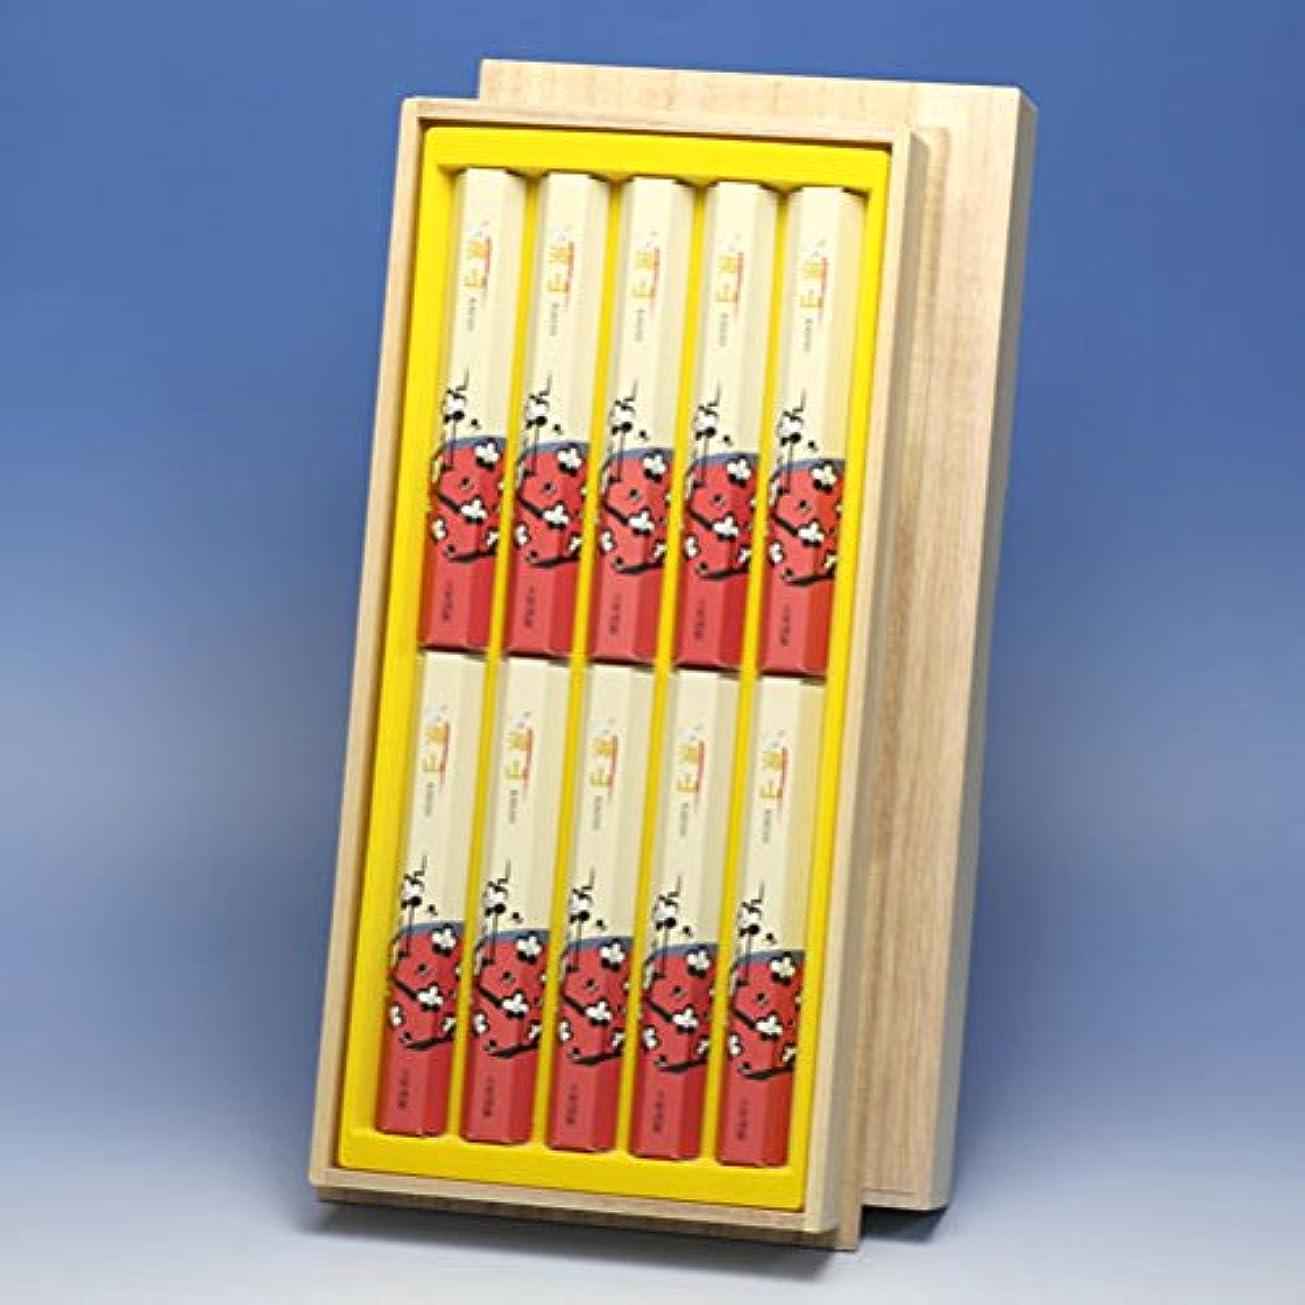 関与する人鉛筆海山 SKG-1 短寸 10把入 桐箱 かいざん 大発